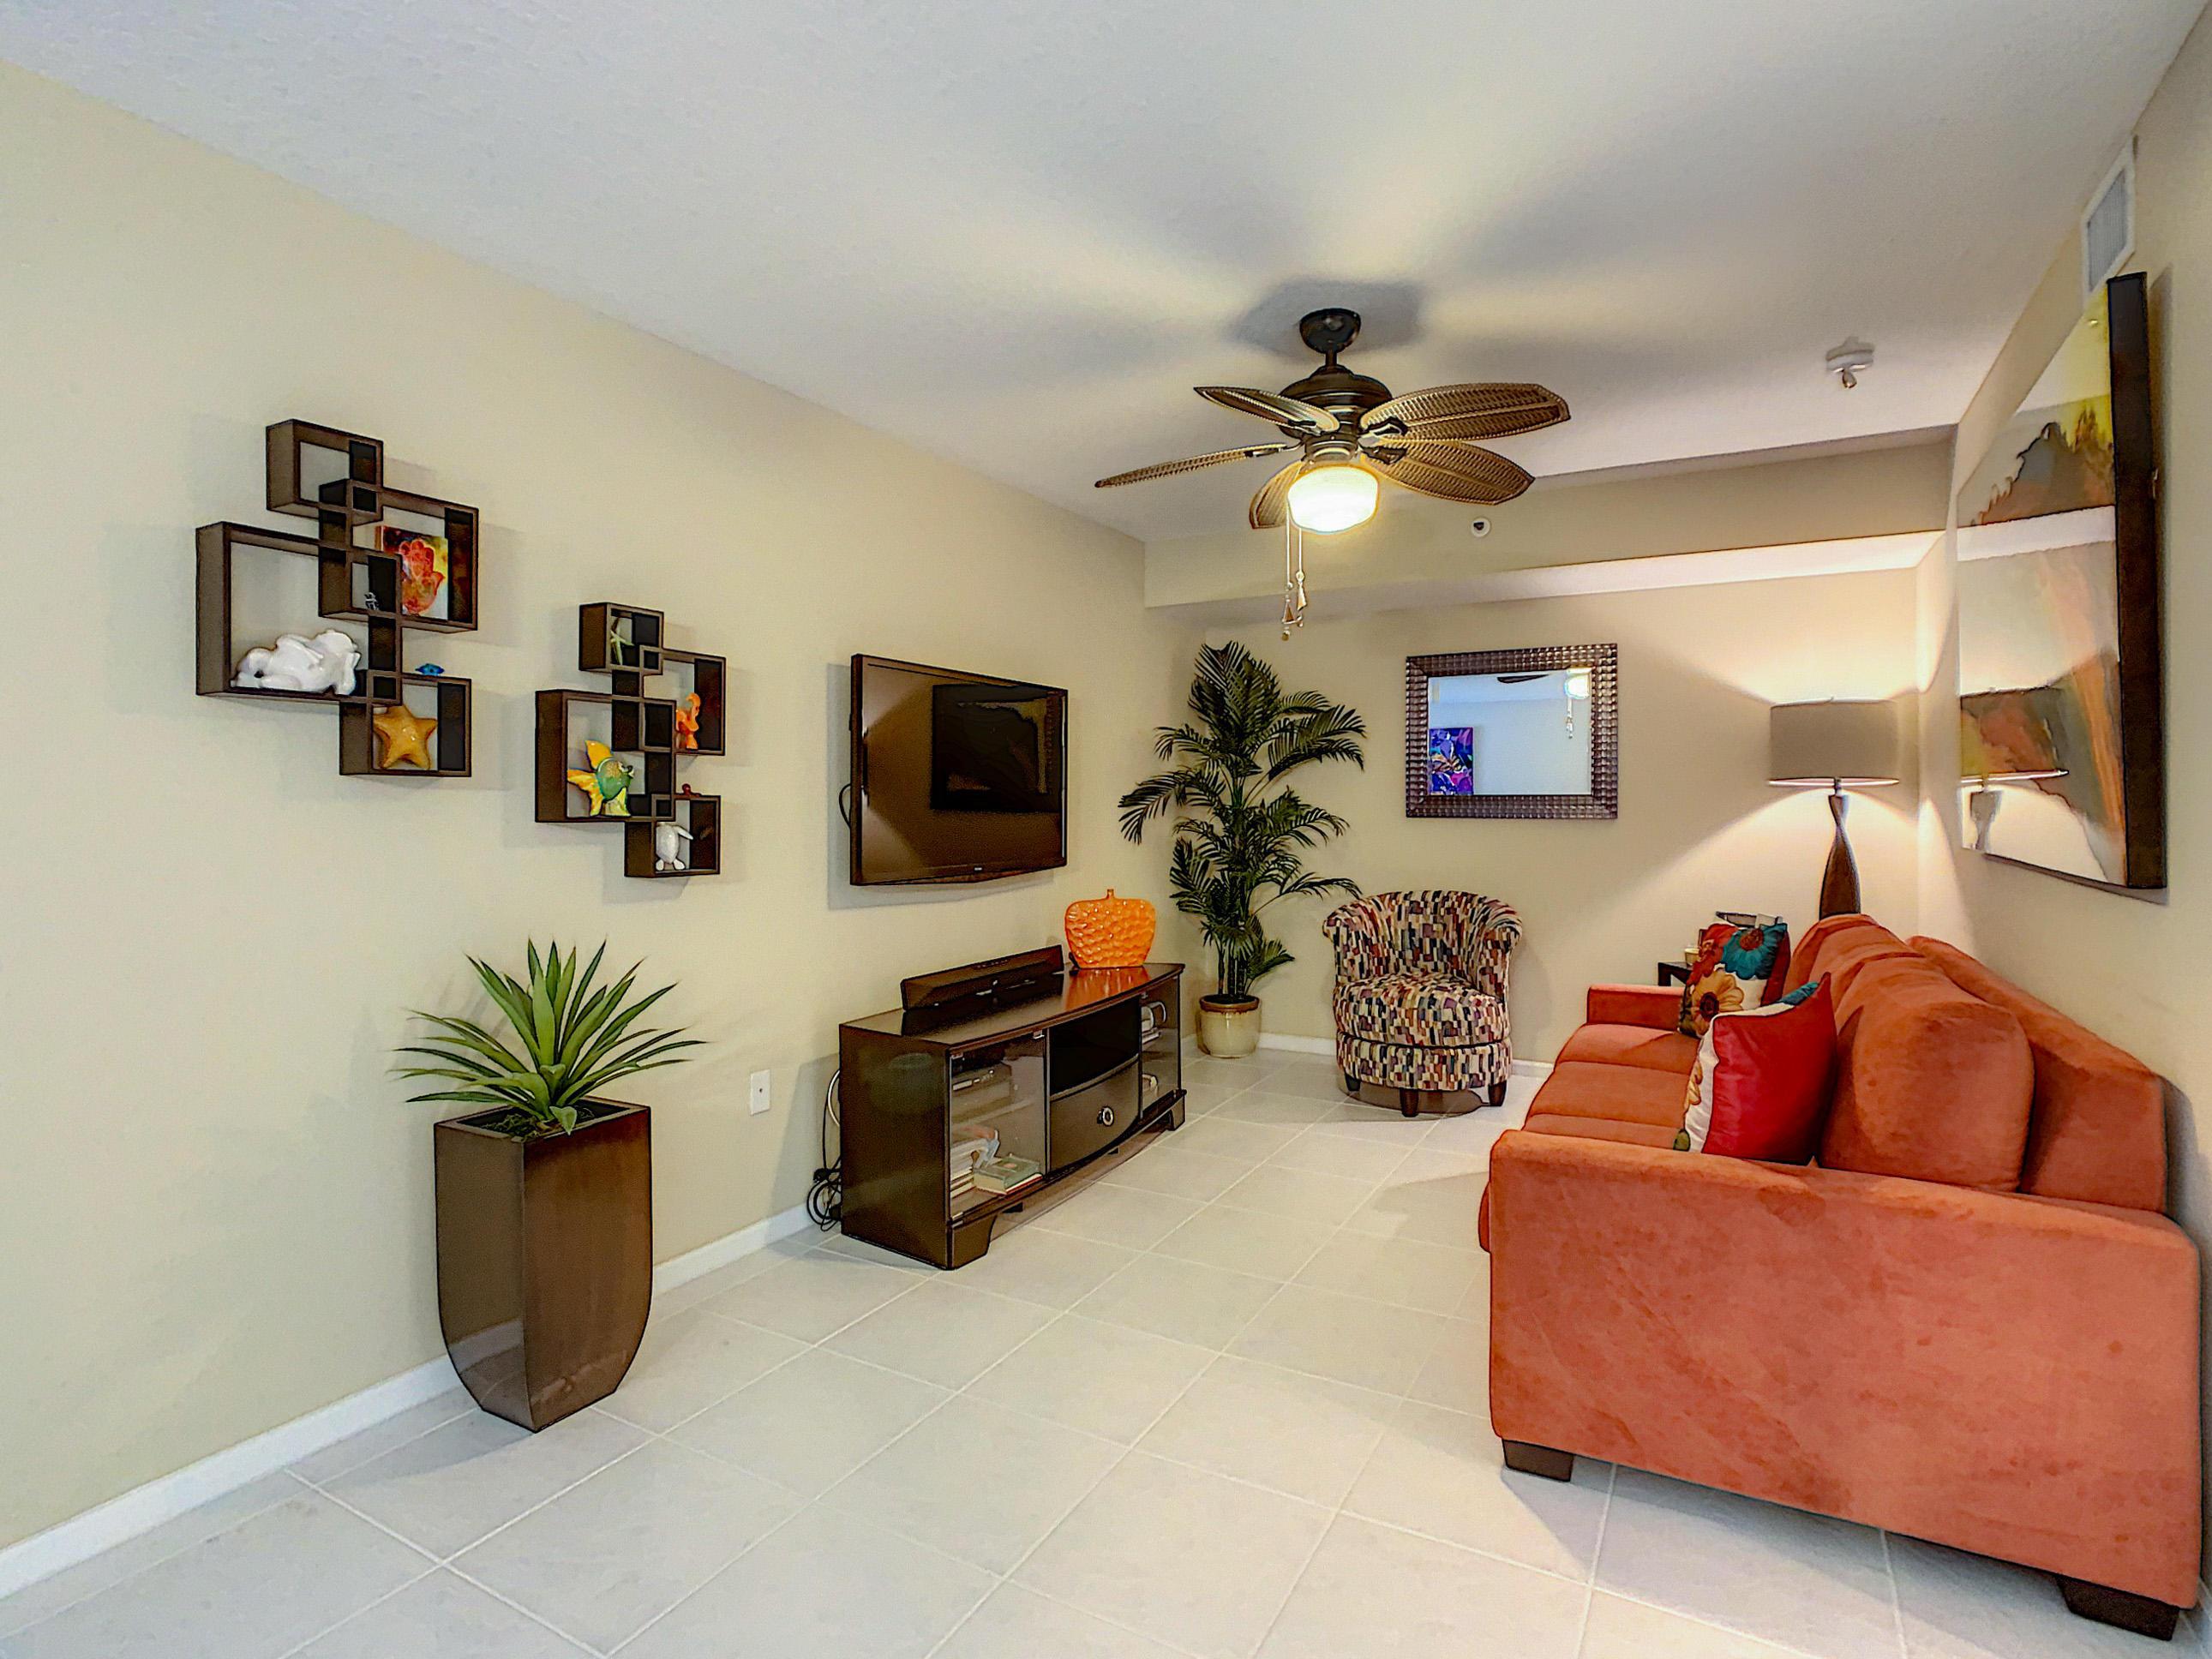 12547 Imperial Isle Drive 402 Boynton Beach, FL 33437 photo 27